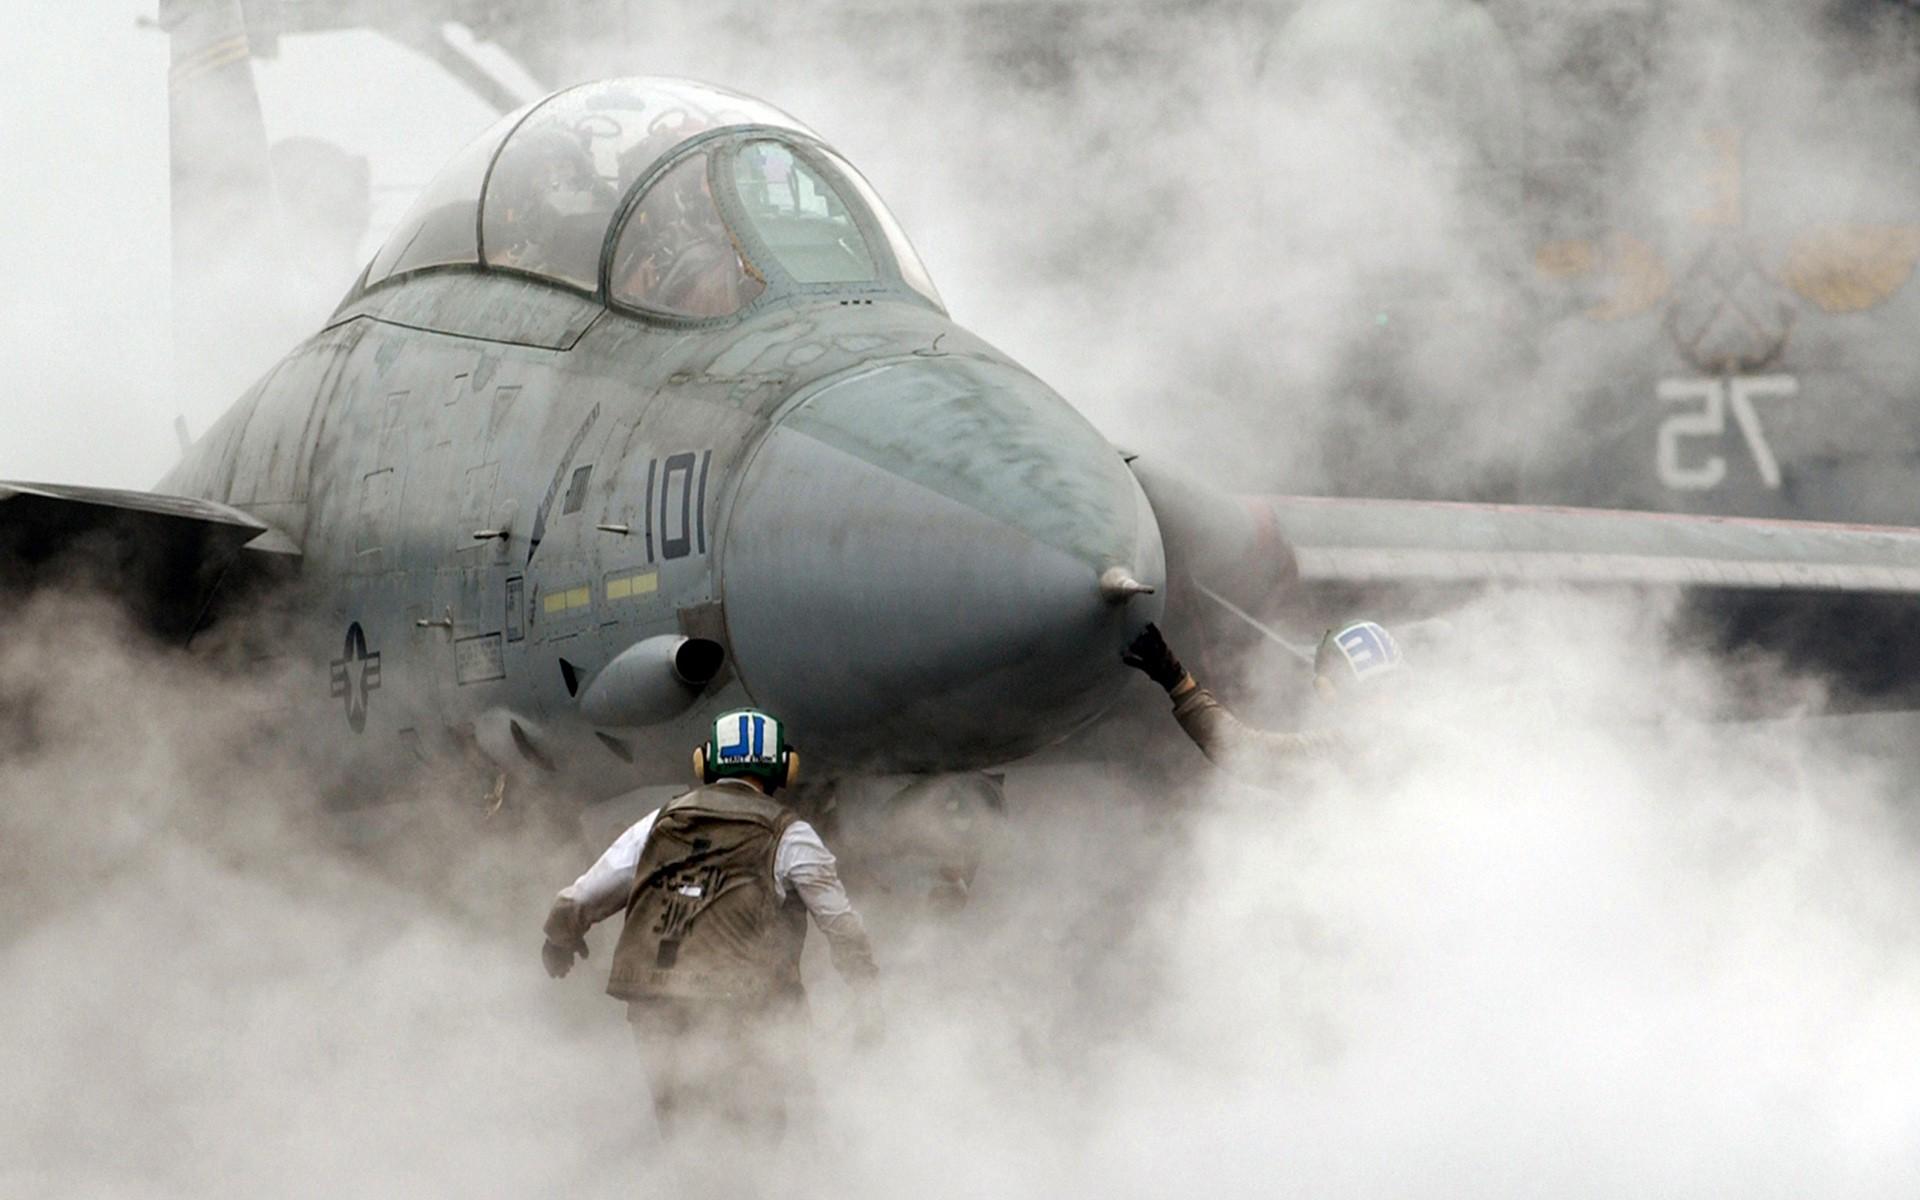 F14 Tomcat Wallpaper (79+ Images